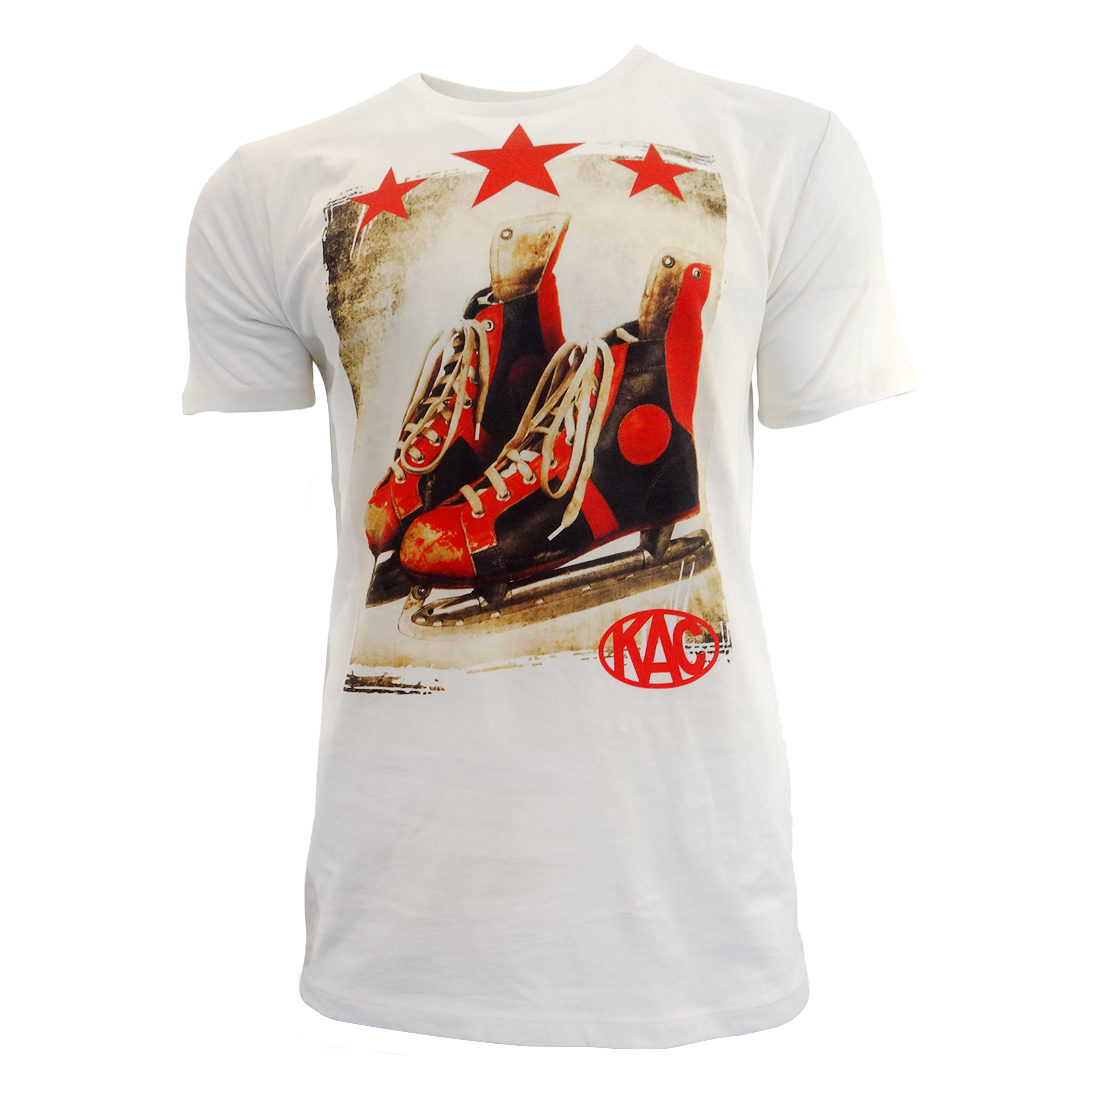 T-shirt KAC - Referenzen Galvi